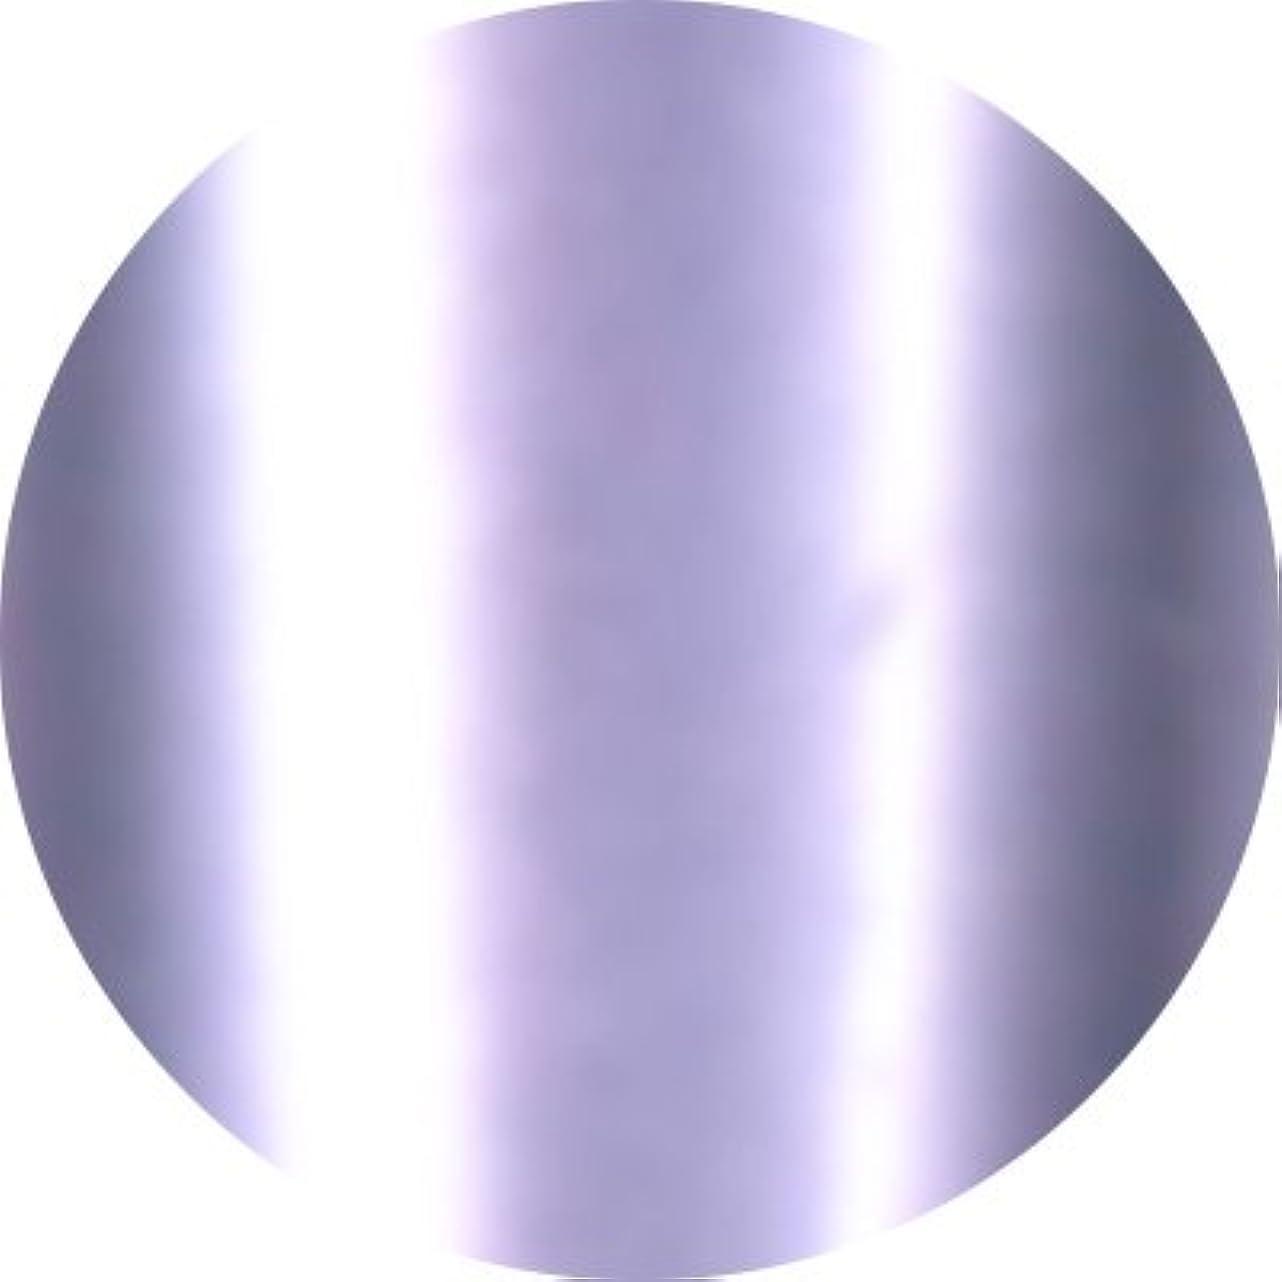 壁差別化する着飾るJewelry jel(ジュエリージェル) カラージェル 5ml<BR>メタリック MT025